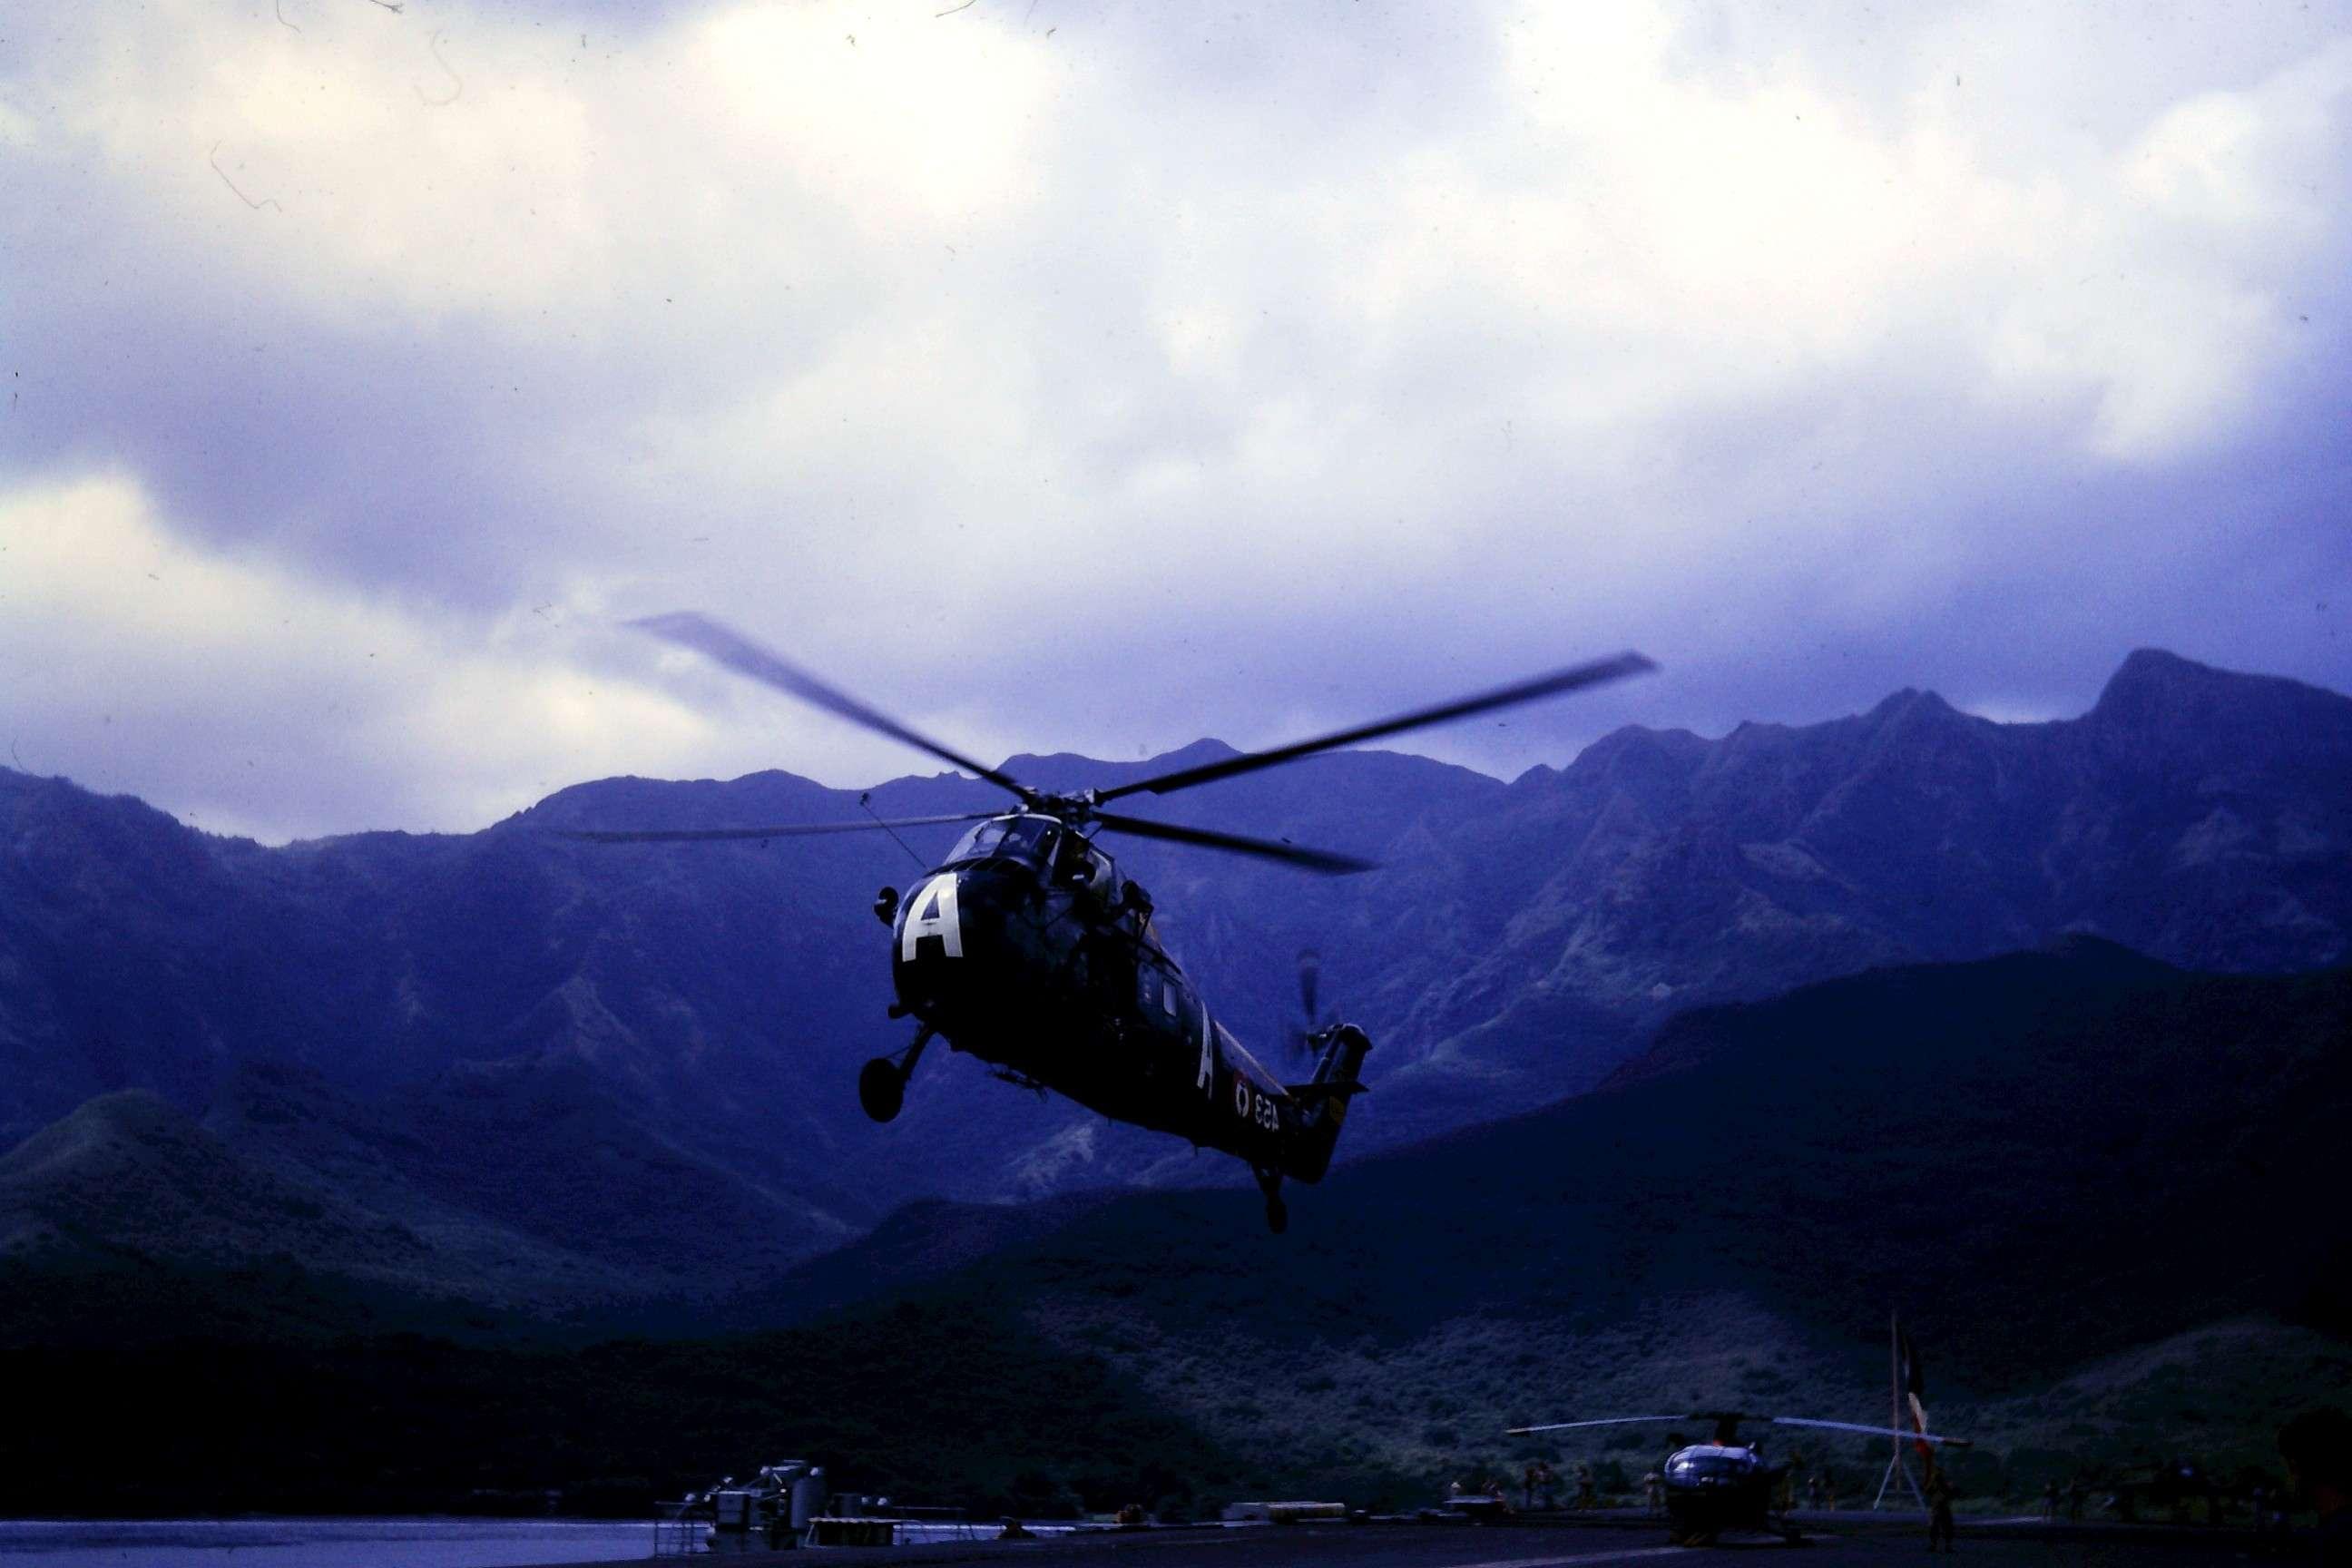 [Aéronavale divers] Où sont passés nos hélicos HSS1 ? - Page 9 Hss_de10